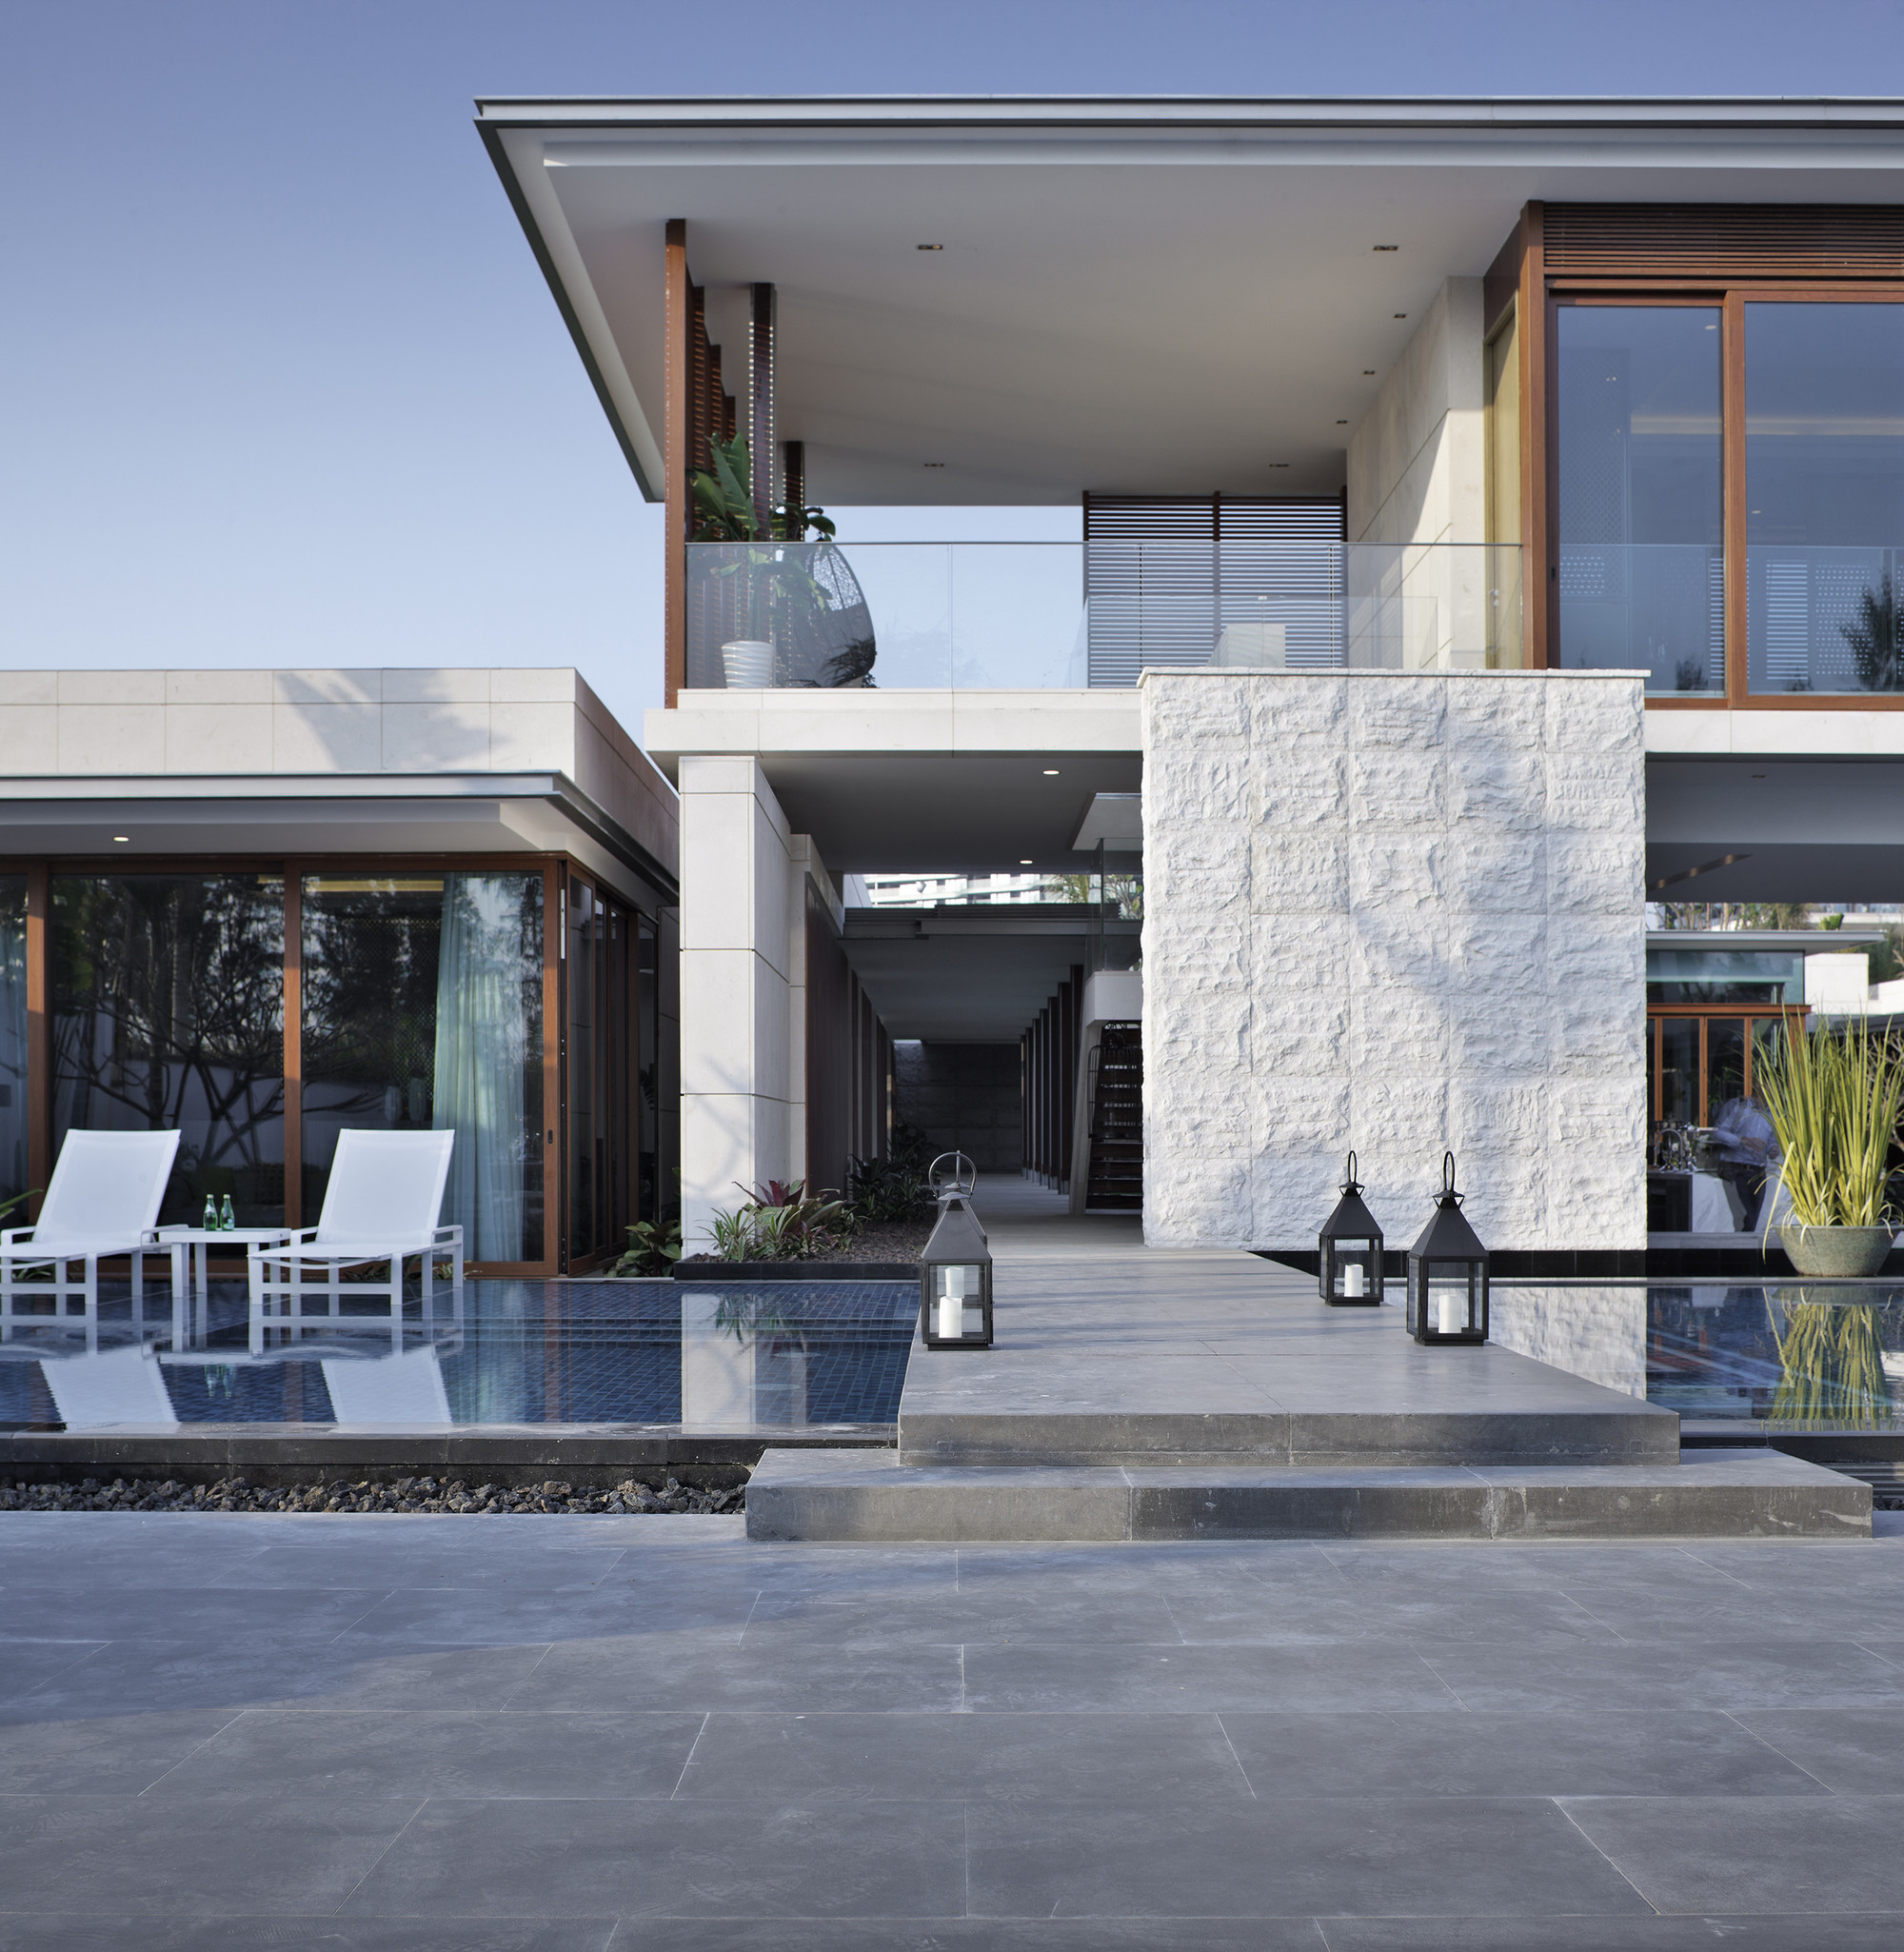 The Chenglu Villa by GAD Architecture in China